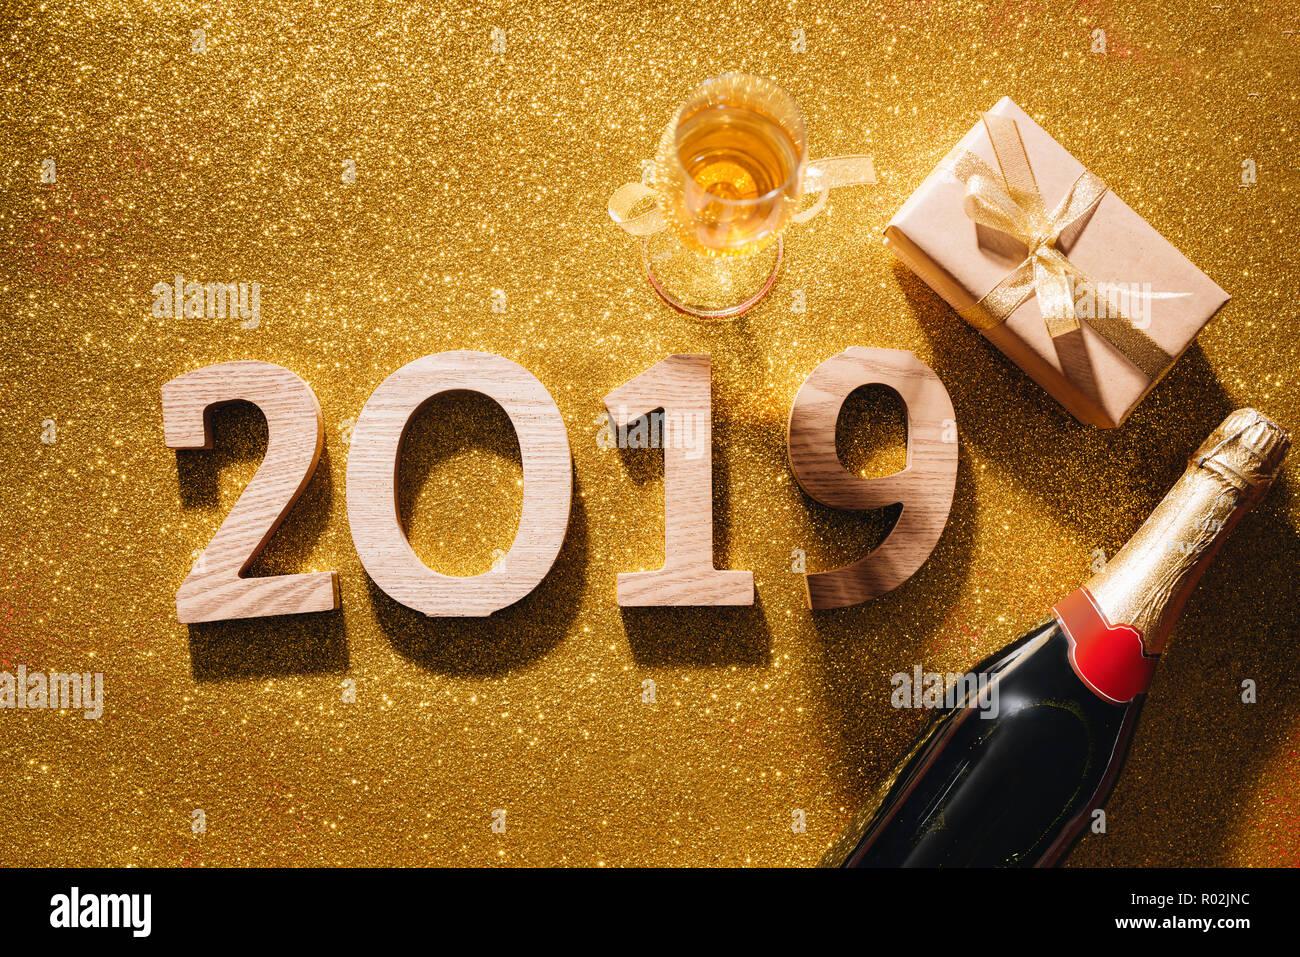 Feliz Año Nuevo Diseño Números 2019 Notepad Y Espacio Libre